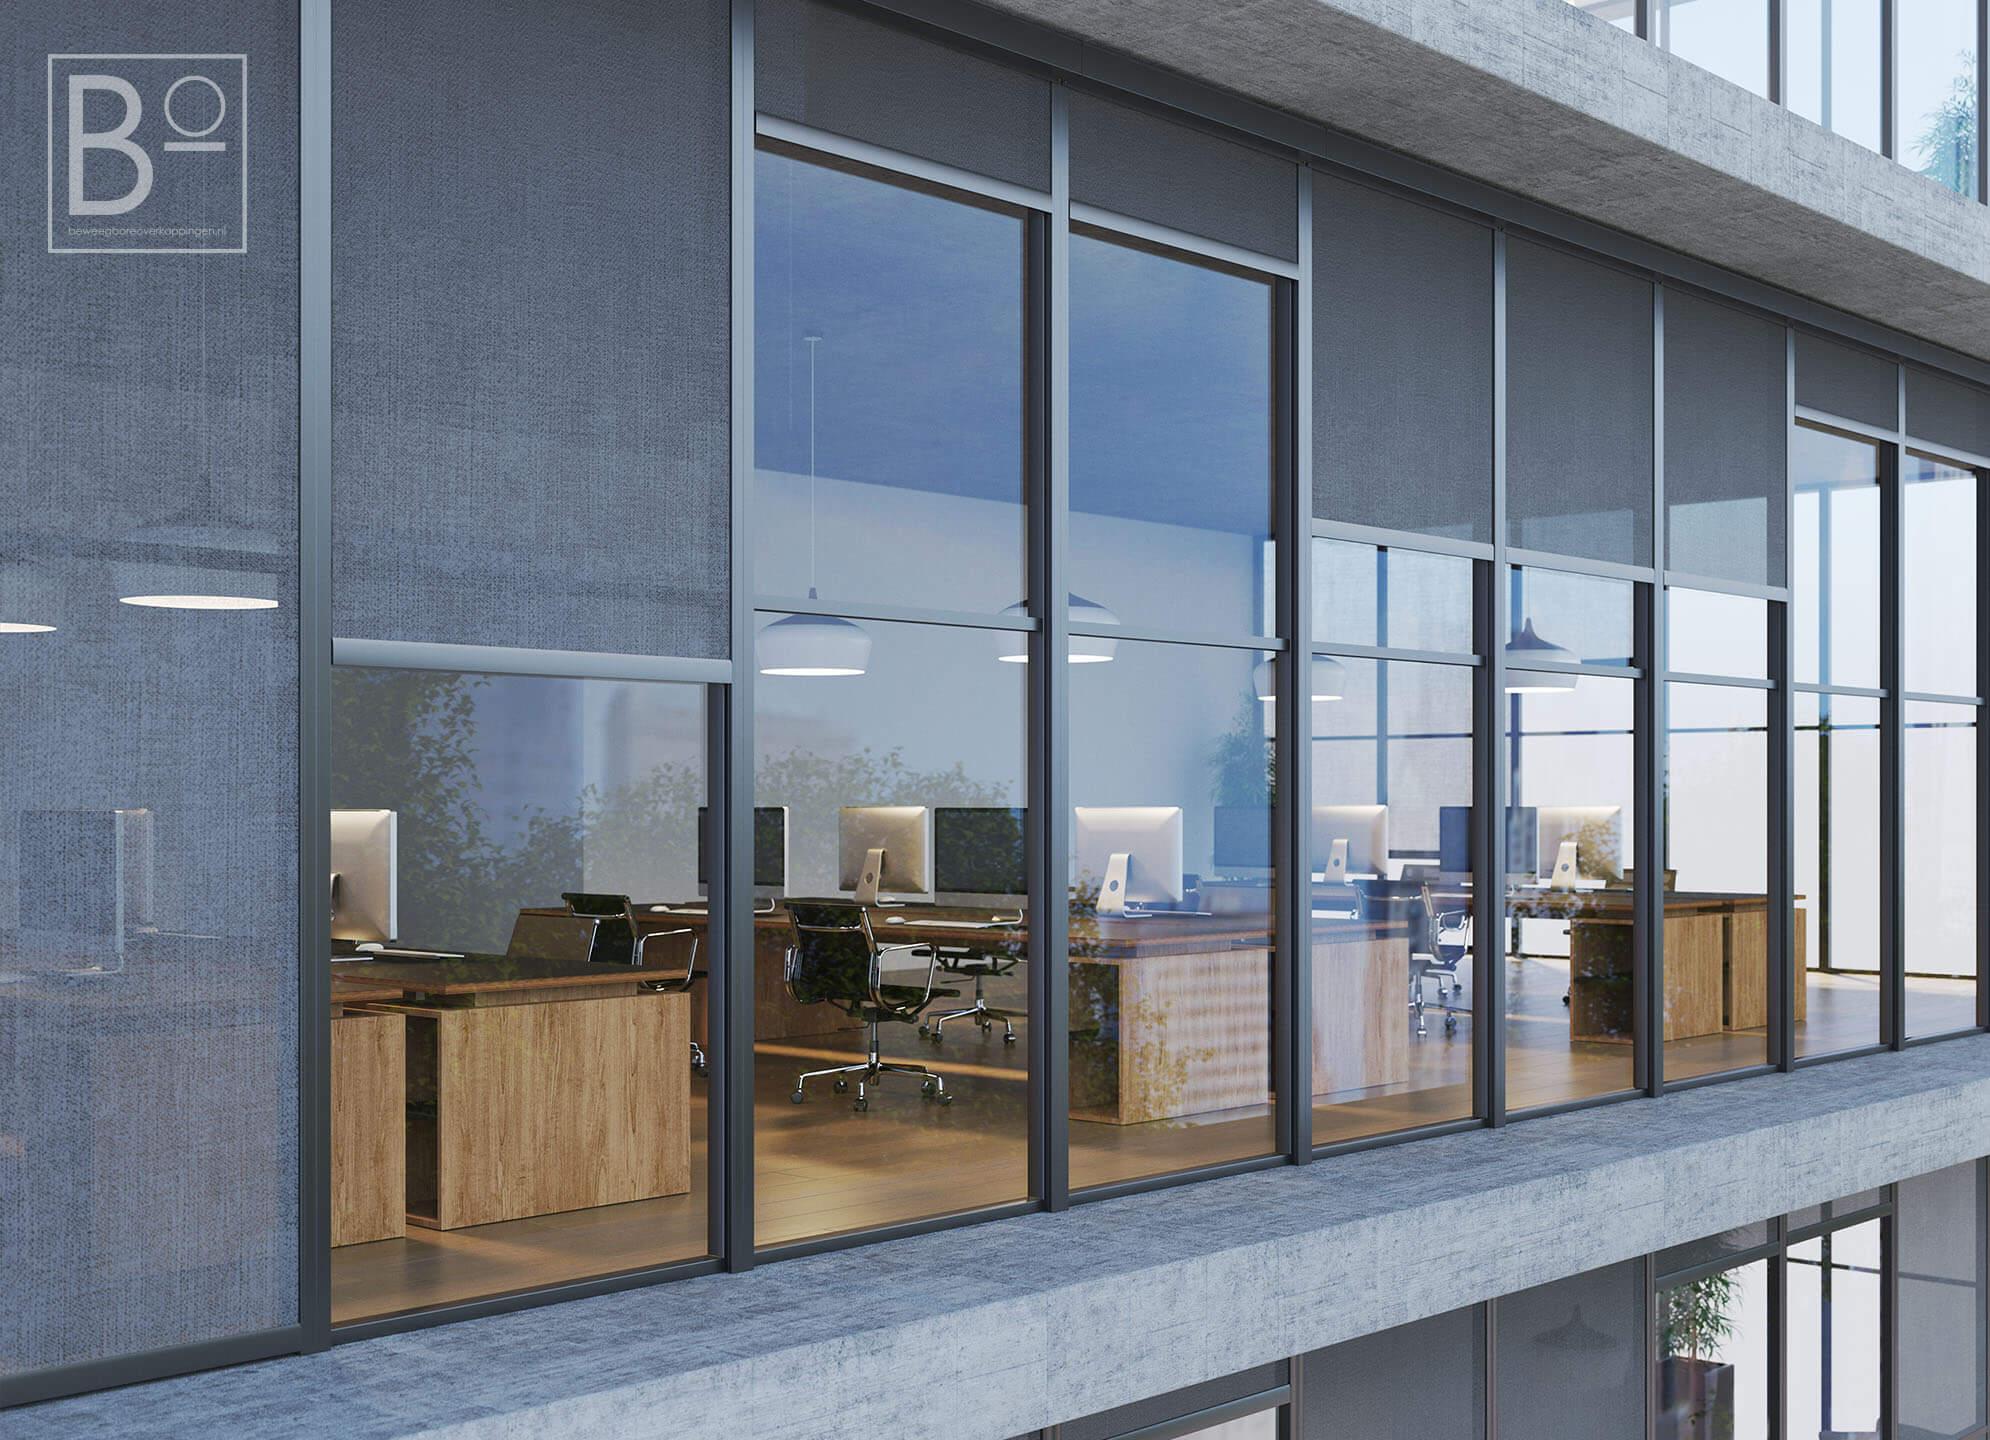 kantoorpand met screens